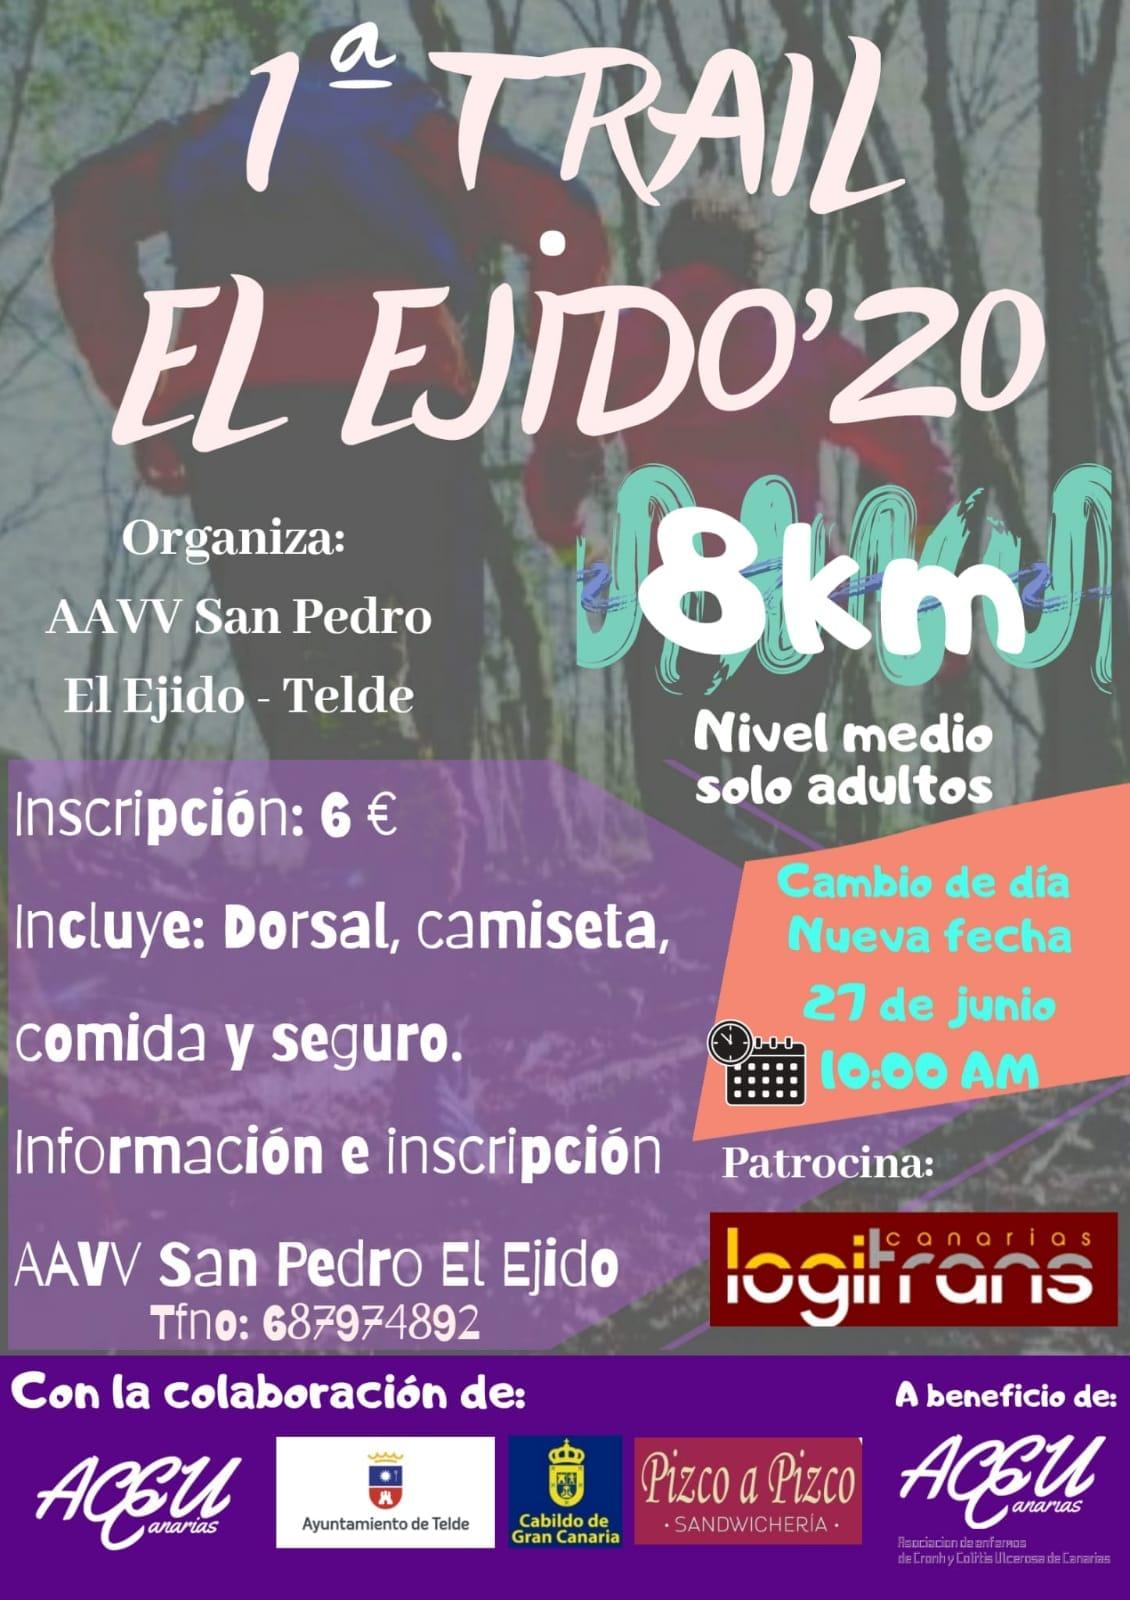 Trail El Ejido 2020